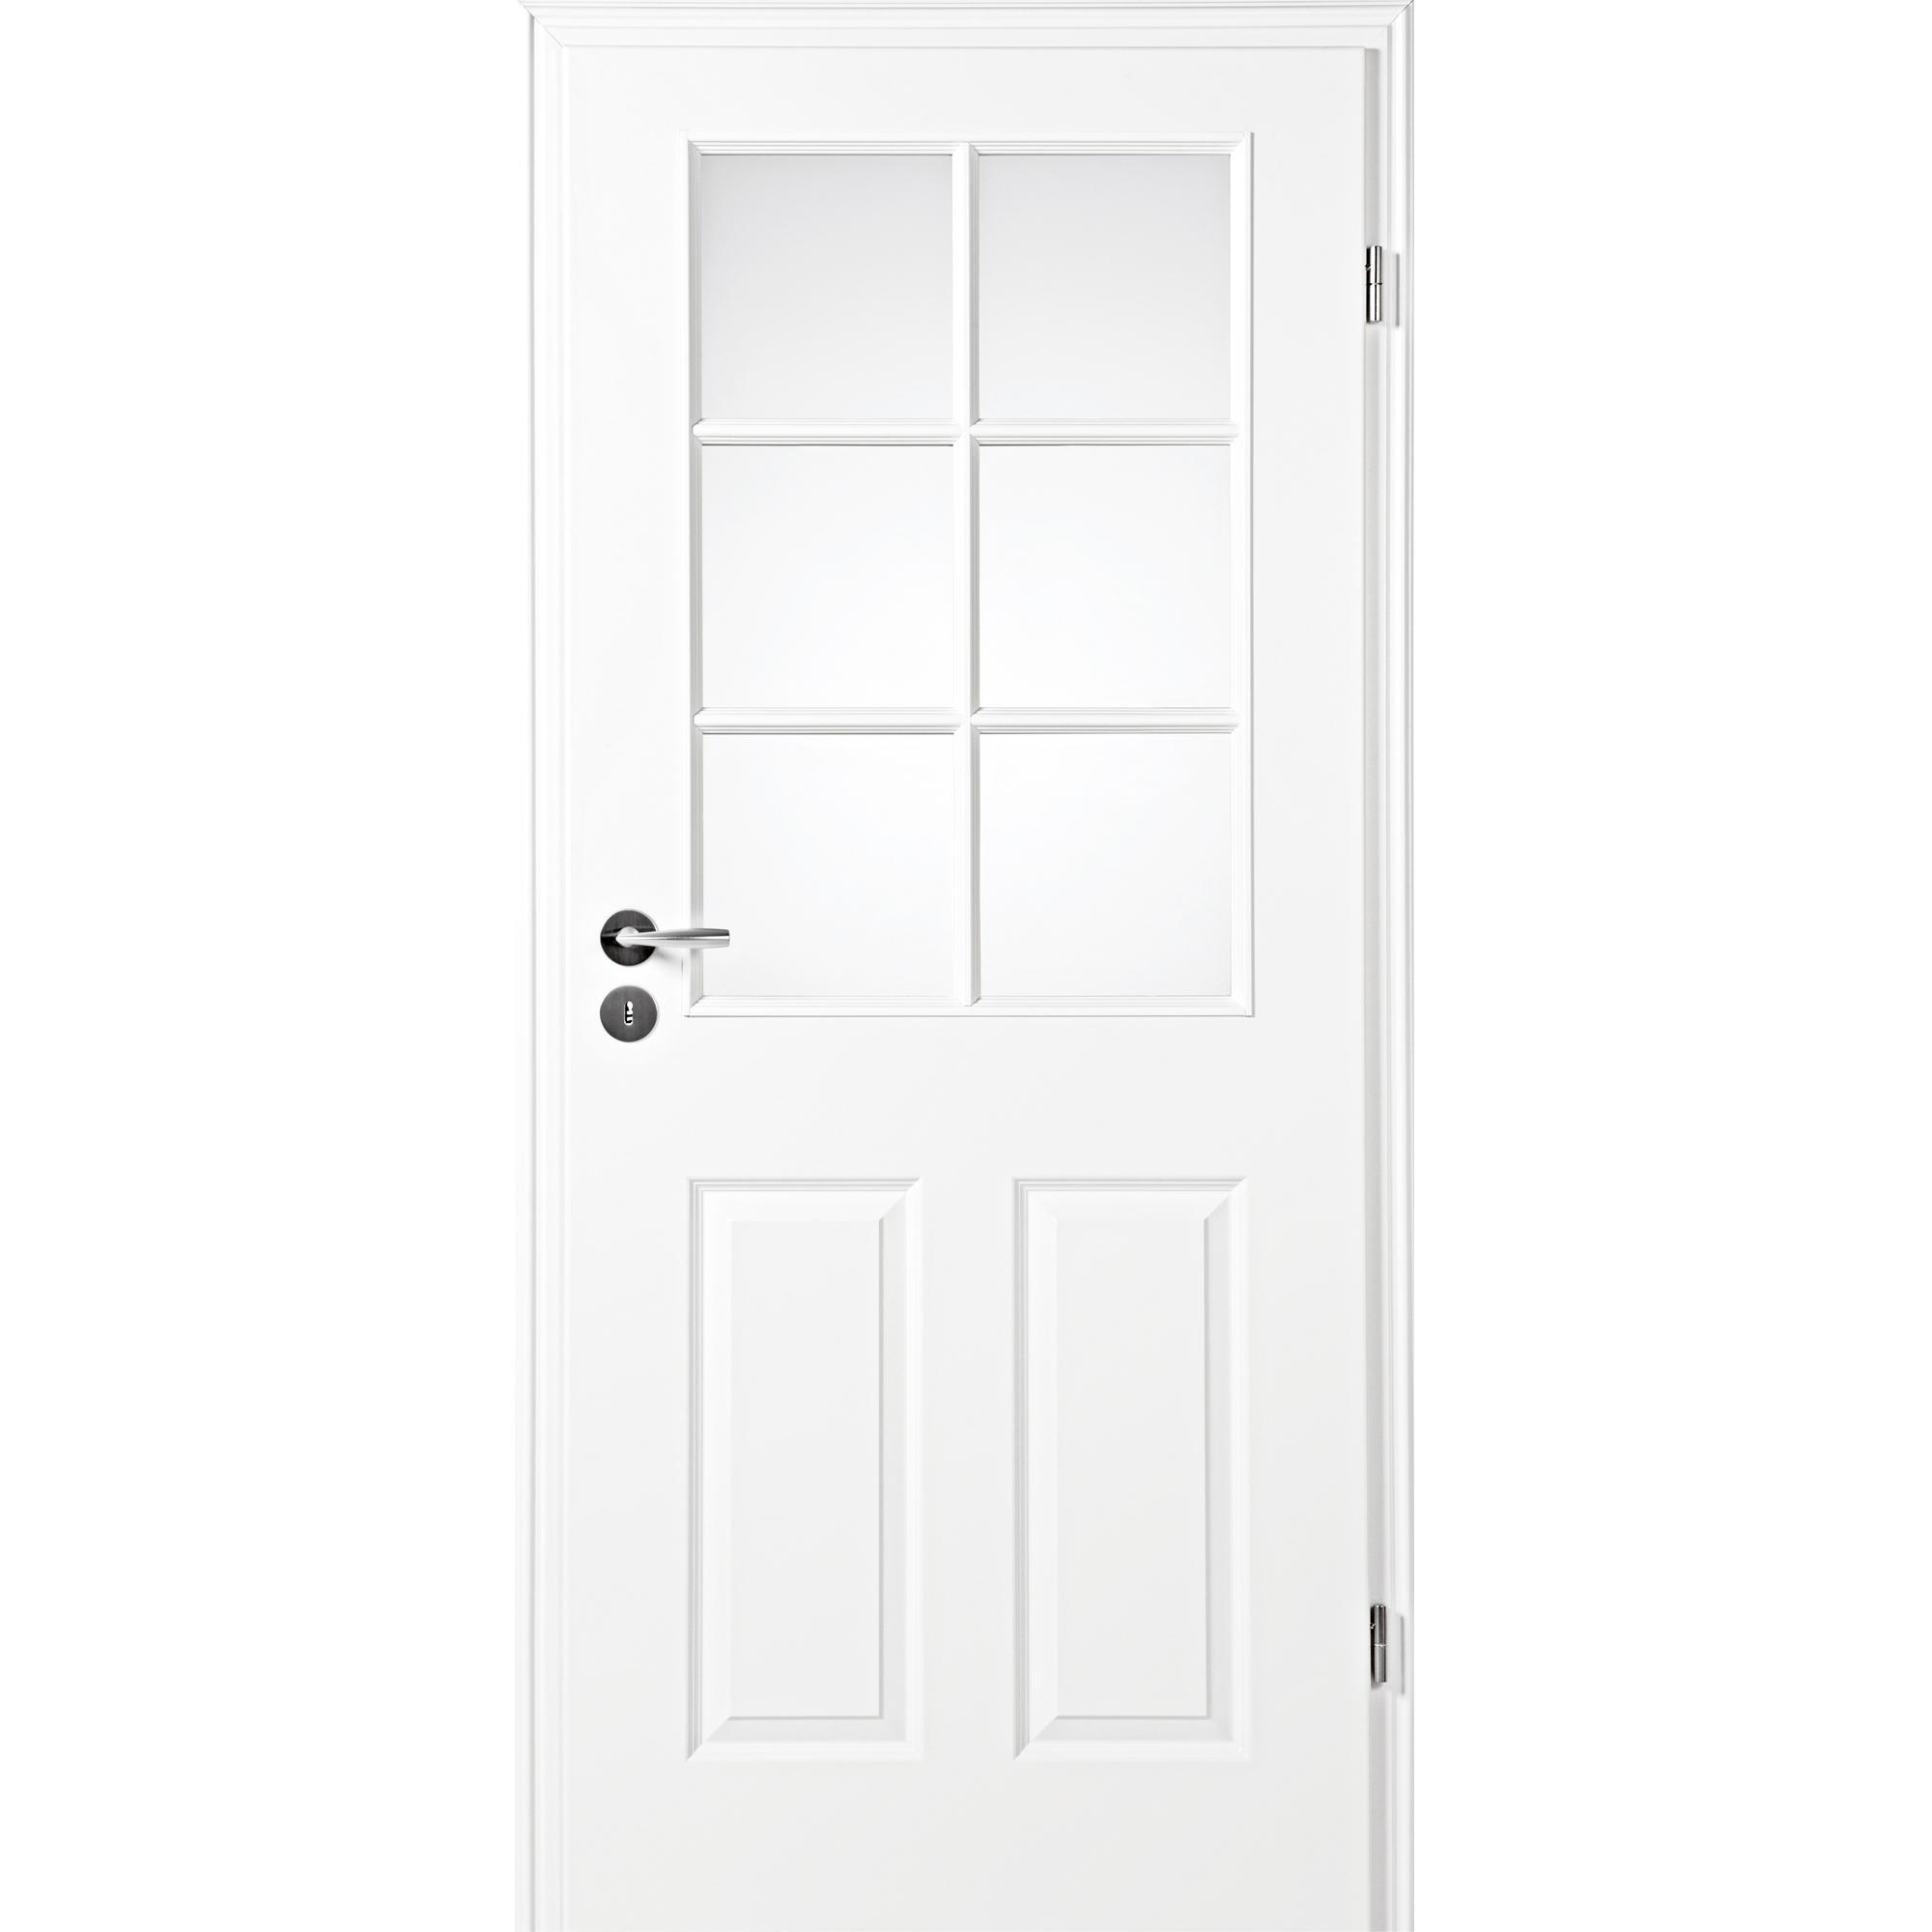 zimmert r mit zarge narva 4f la 6g wei lack lichtausschnitt eckkante kp holz shop haust ren. Black Bedroom Furniture Sets. Home Design Ideas